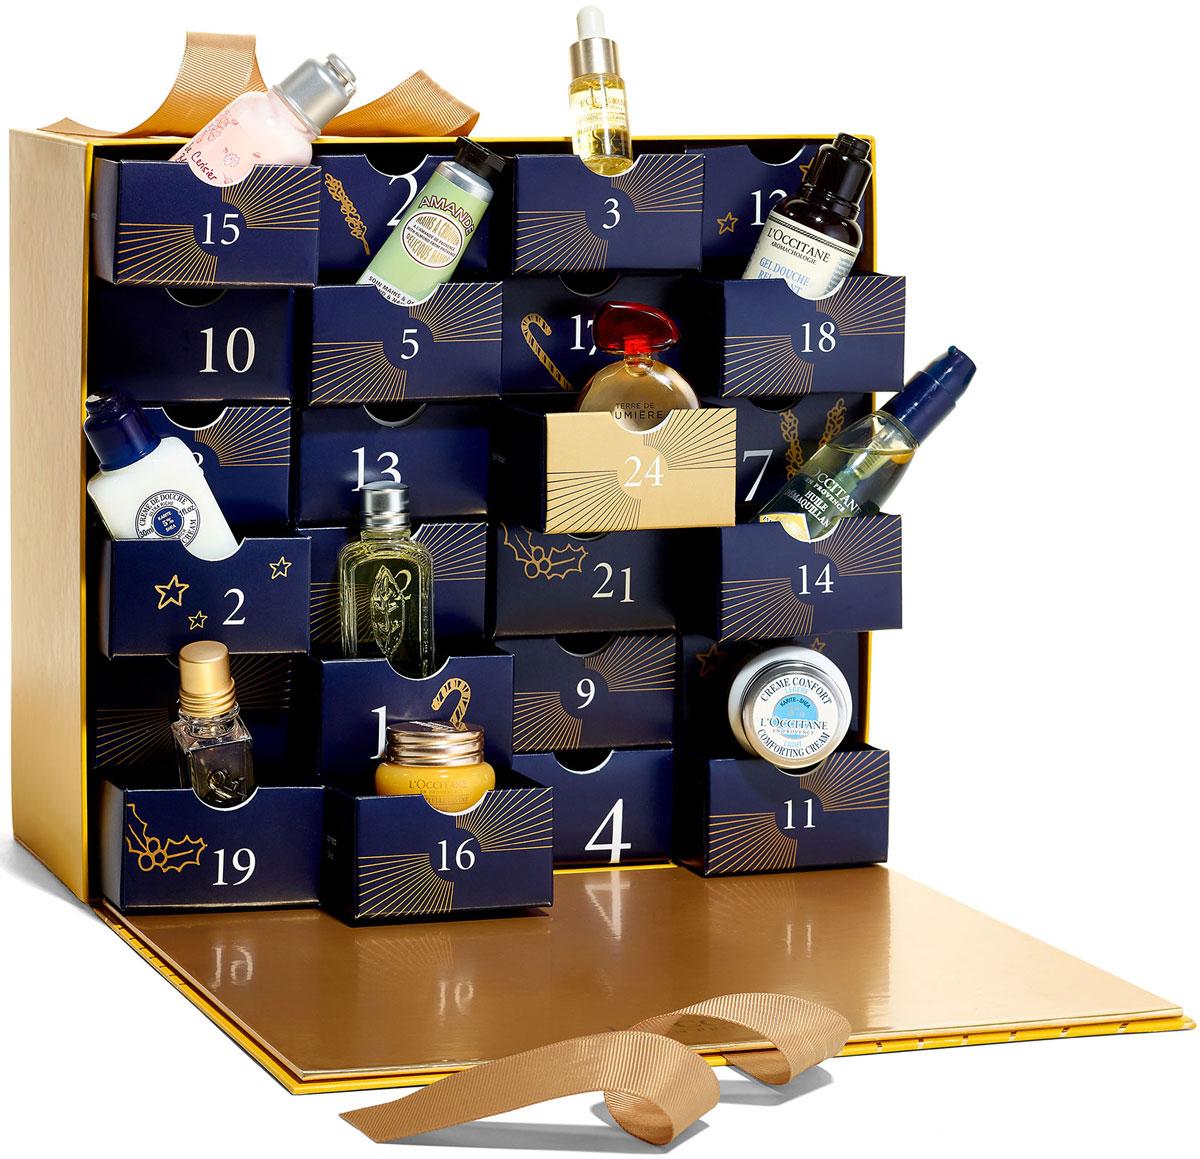 LOccitane Подарочный набор Премиальный адвент-календарь485613Европейская традиция - маленькие подарки каждый день.Слово адвент заимствованно из латинского языка и переводится как пришествие. Так в христианском мире обозначается период, предшествующий Рождеству. Каждый день перед Рождеством имеет особое значение, и вы сможете каждый день открывать для себя новые сюрпризы вместе с Л'Окситан. В этом году Л'Окситан представляет эксклюзивный адвент-календарь, оформленный в виде настоящей шкатулки с 24 ящичками, которая полна сокровищ для вашей кожи. В каждом ящичке вы найдете аромат, крем для рук или чудесный эликсир для кожи. Великолепный набор средств в мини-формате - настоящий праздник для тела и души!Переворачивайте пустые ящички и соберите праздничную картинку.